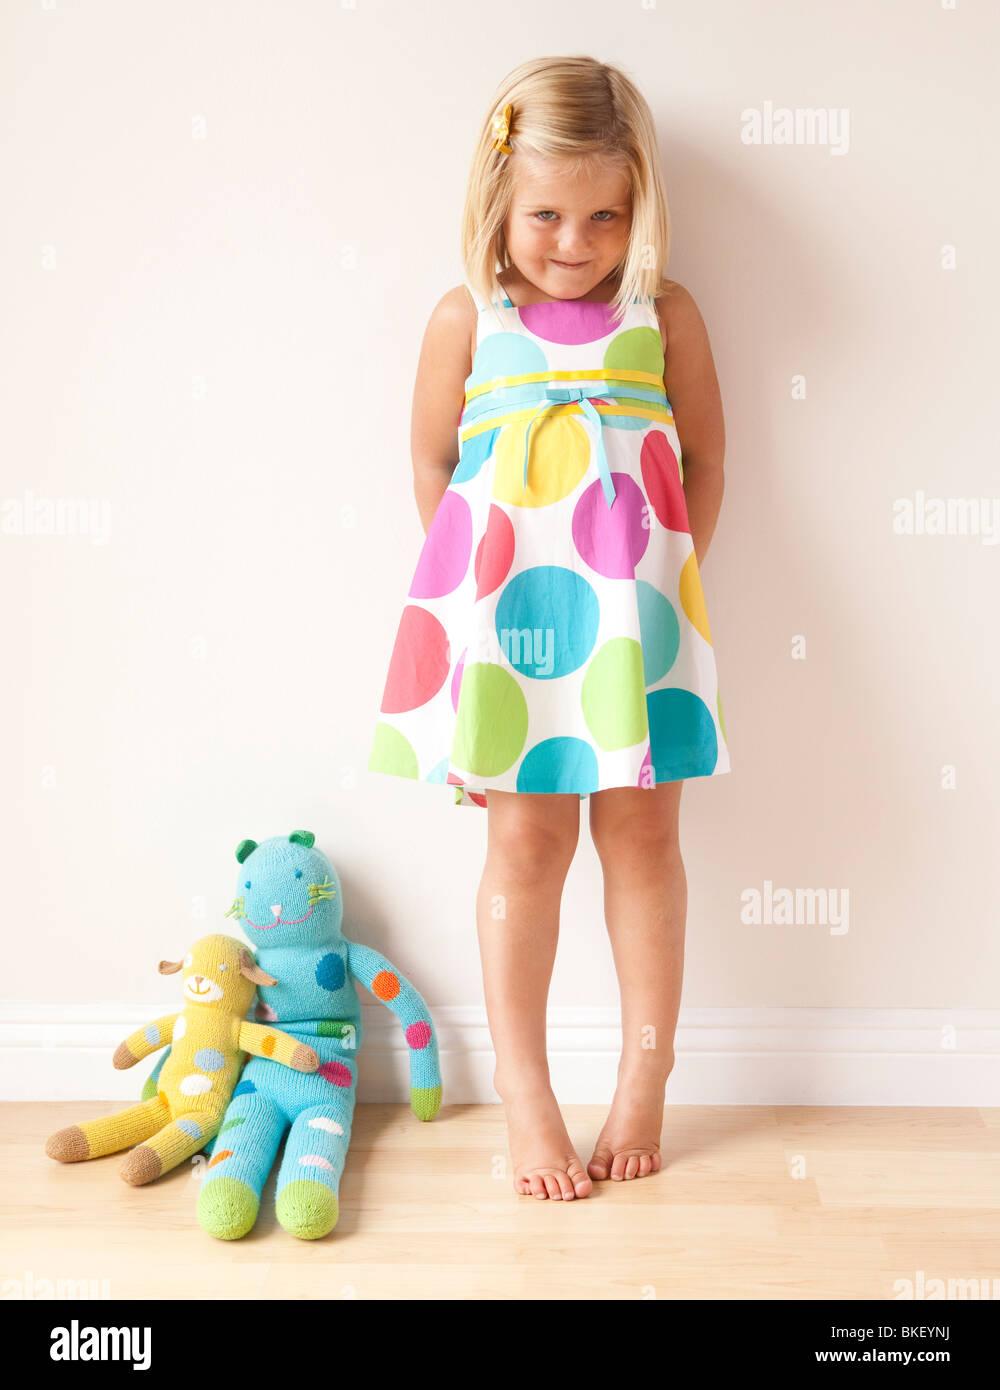 Schivo ragazza di polka dot dress Immagini Stock